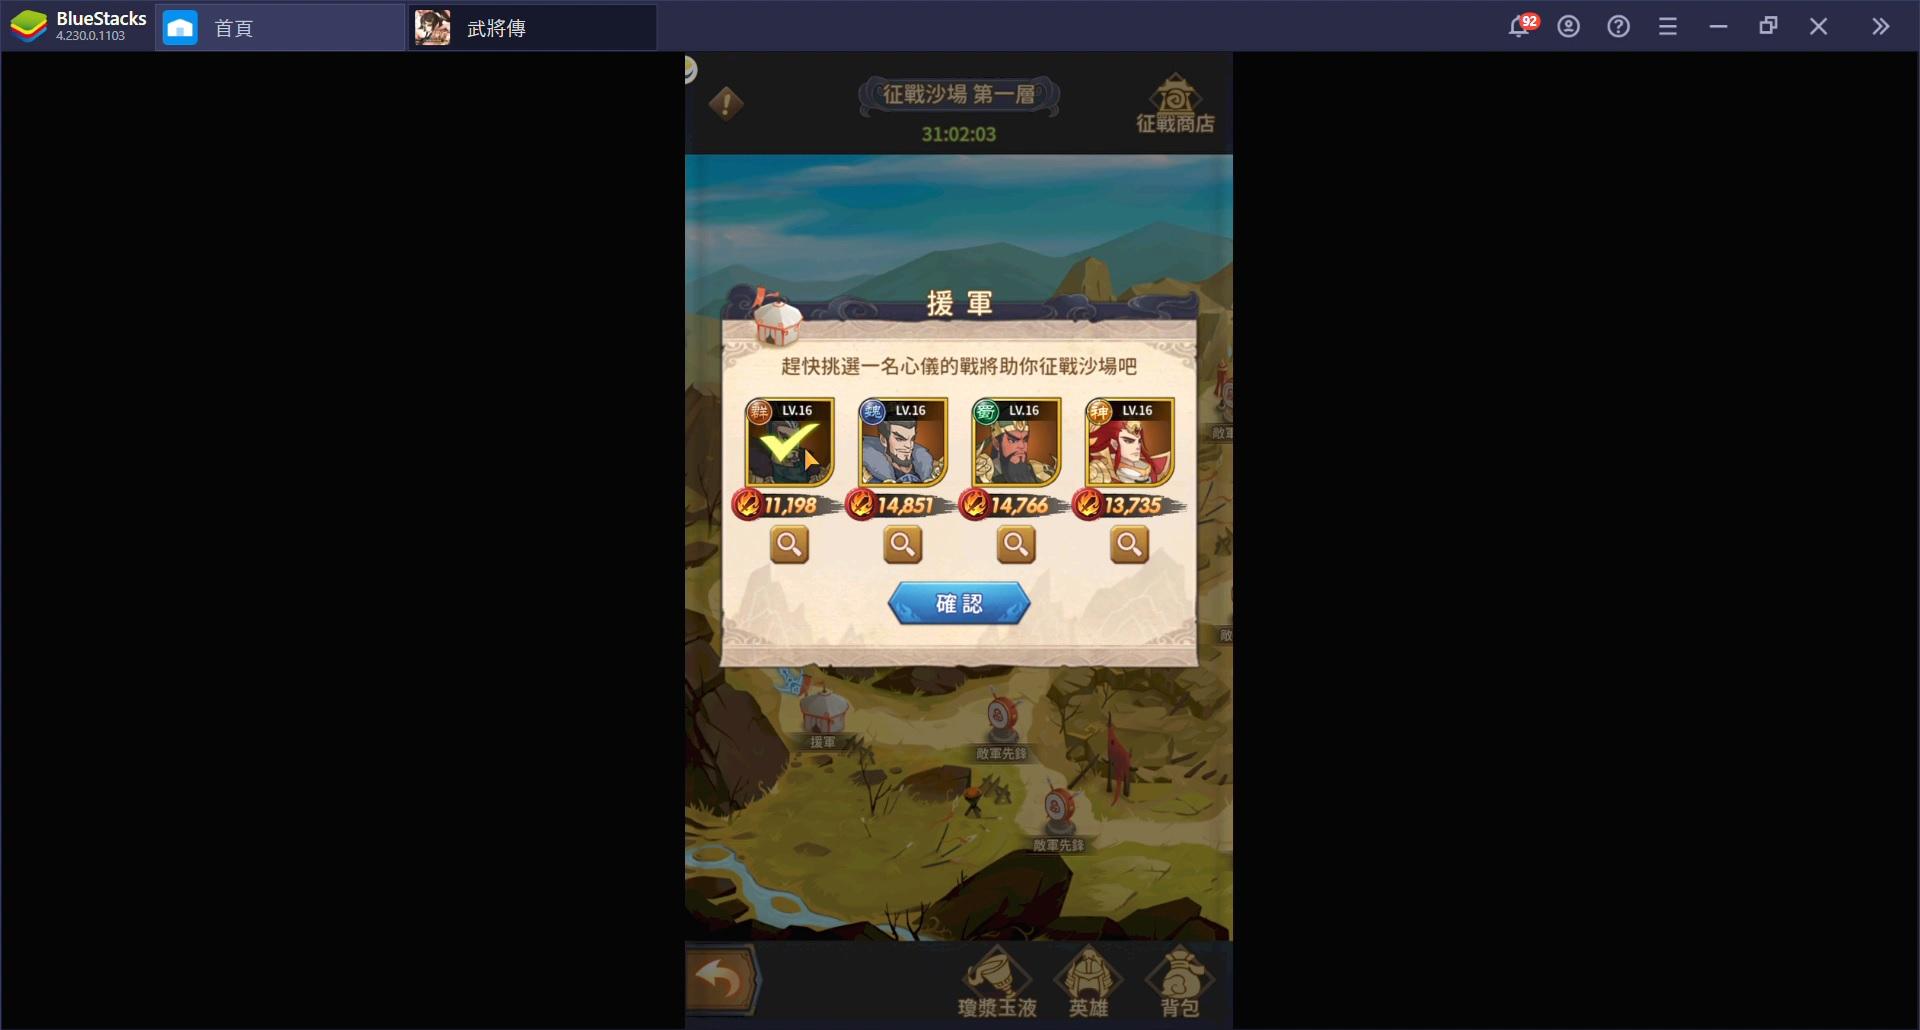 使用BlueStacks在PC上體驗三國題材放置類手游《武將傳》